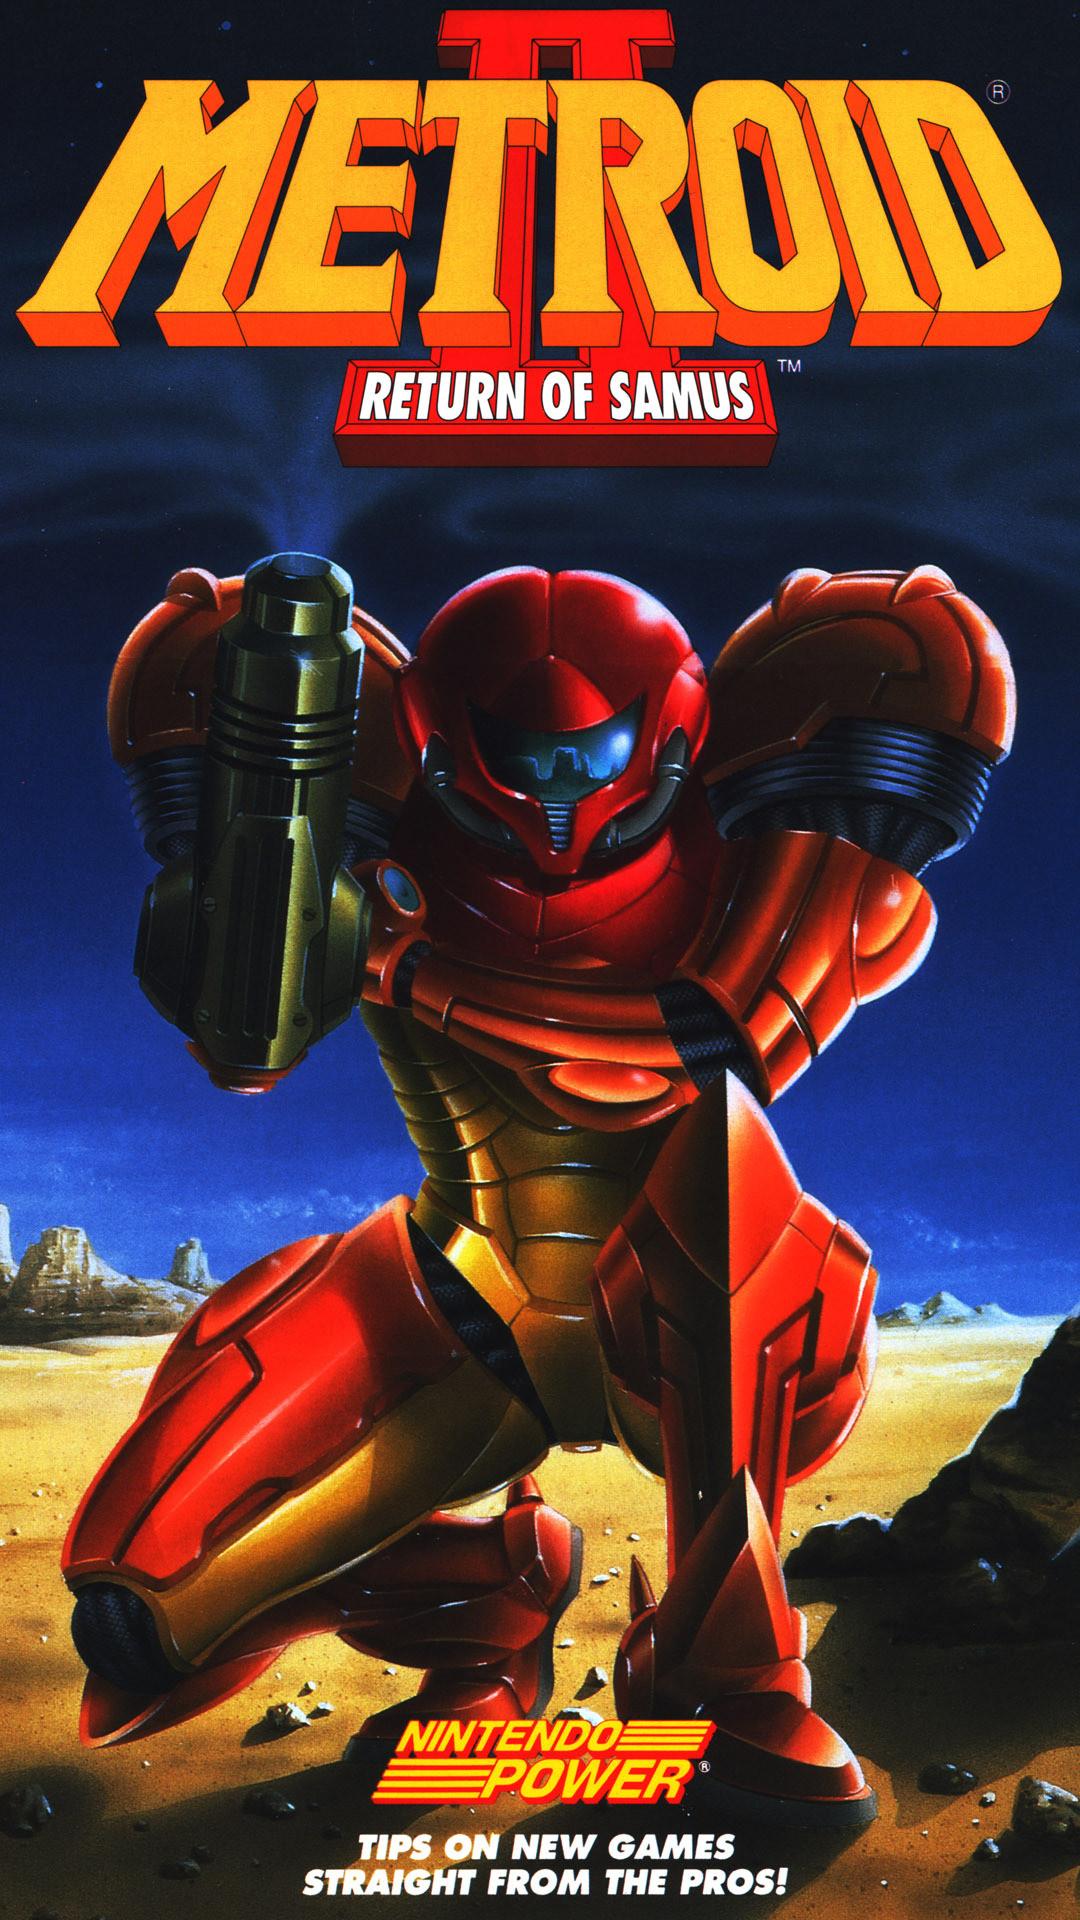 … Metroid Game mobile wallpaper